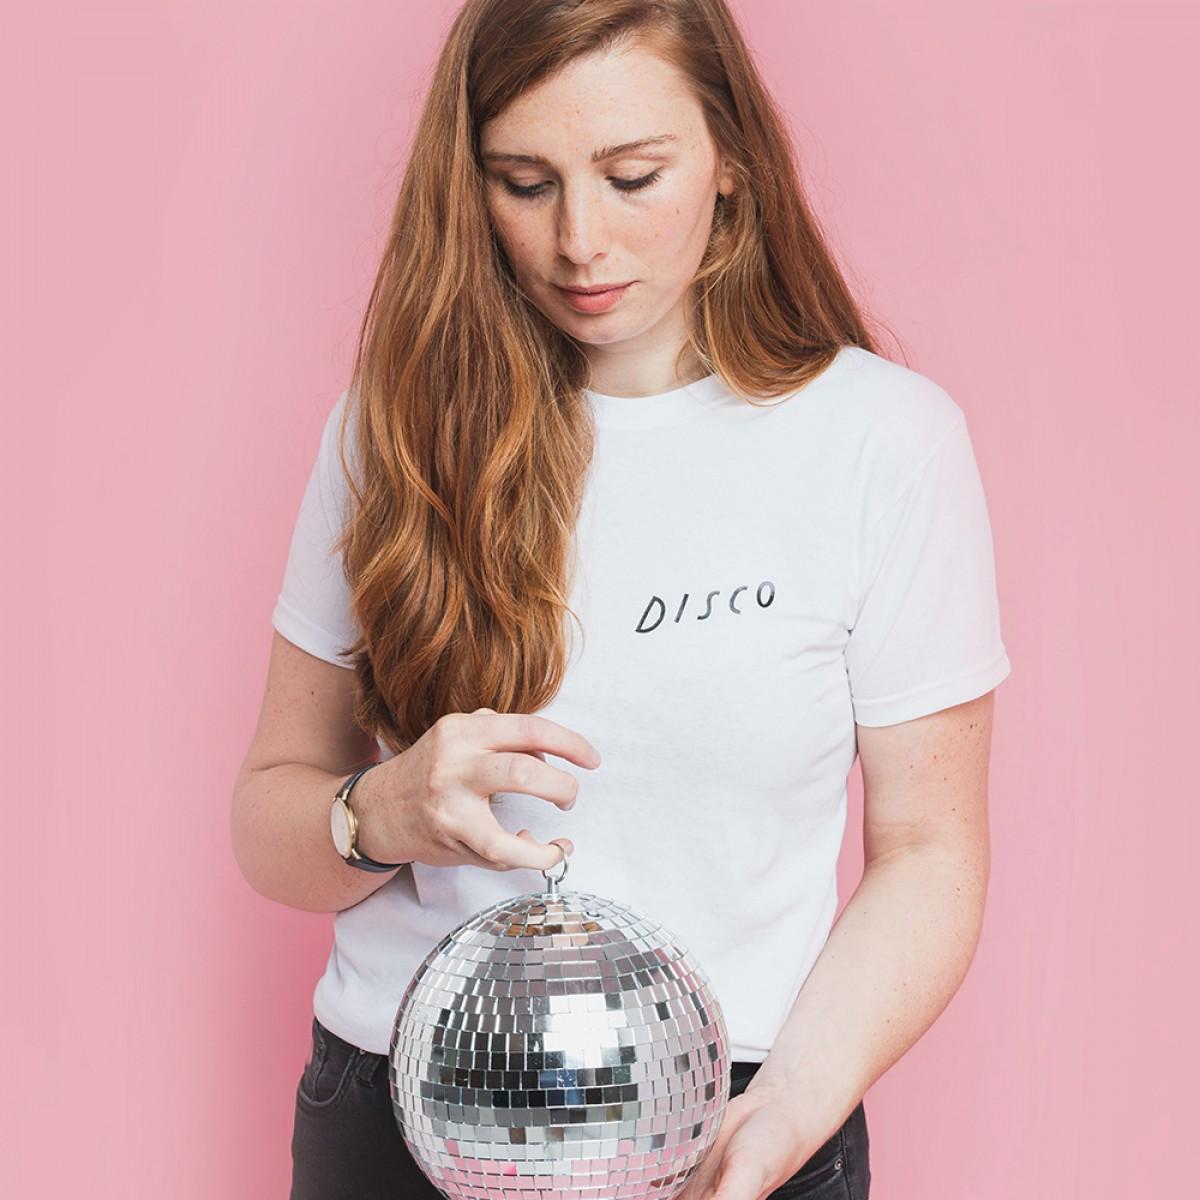 Notietzblock Disco Tshirt weiß